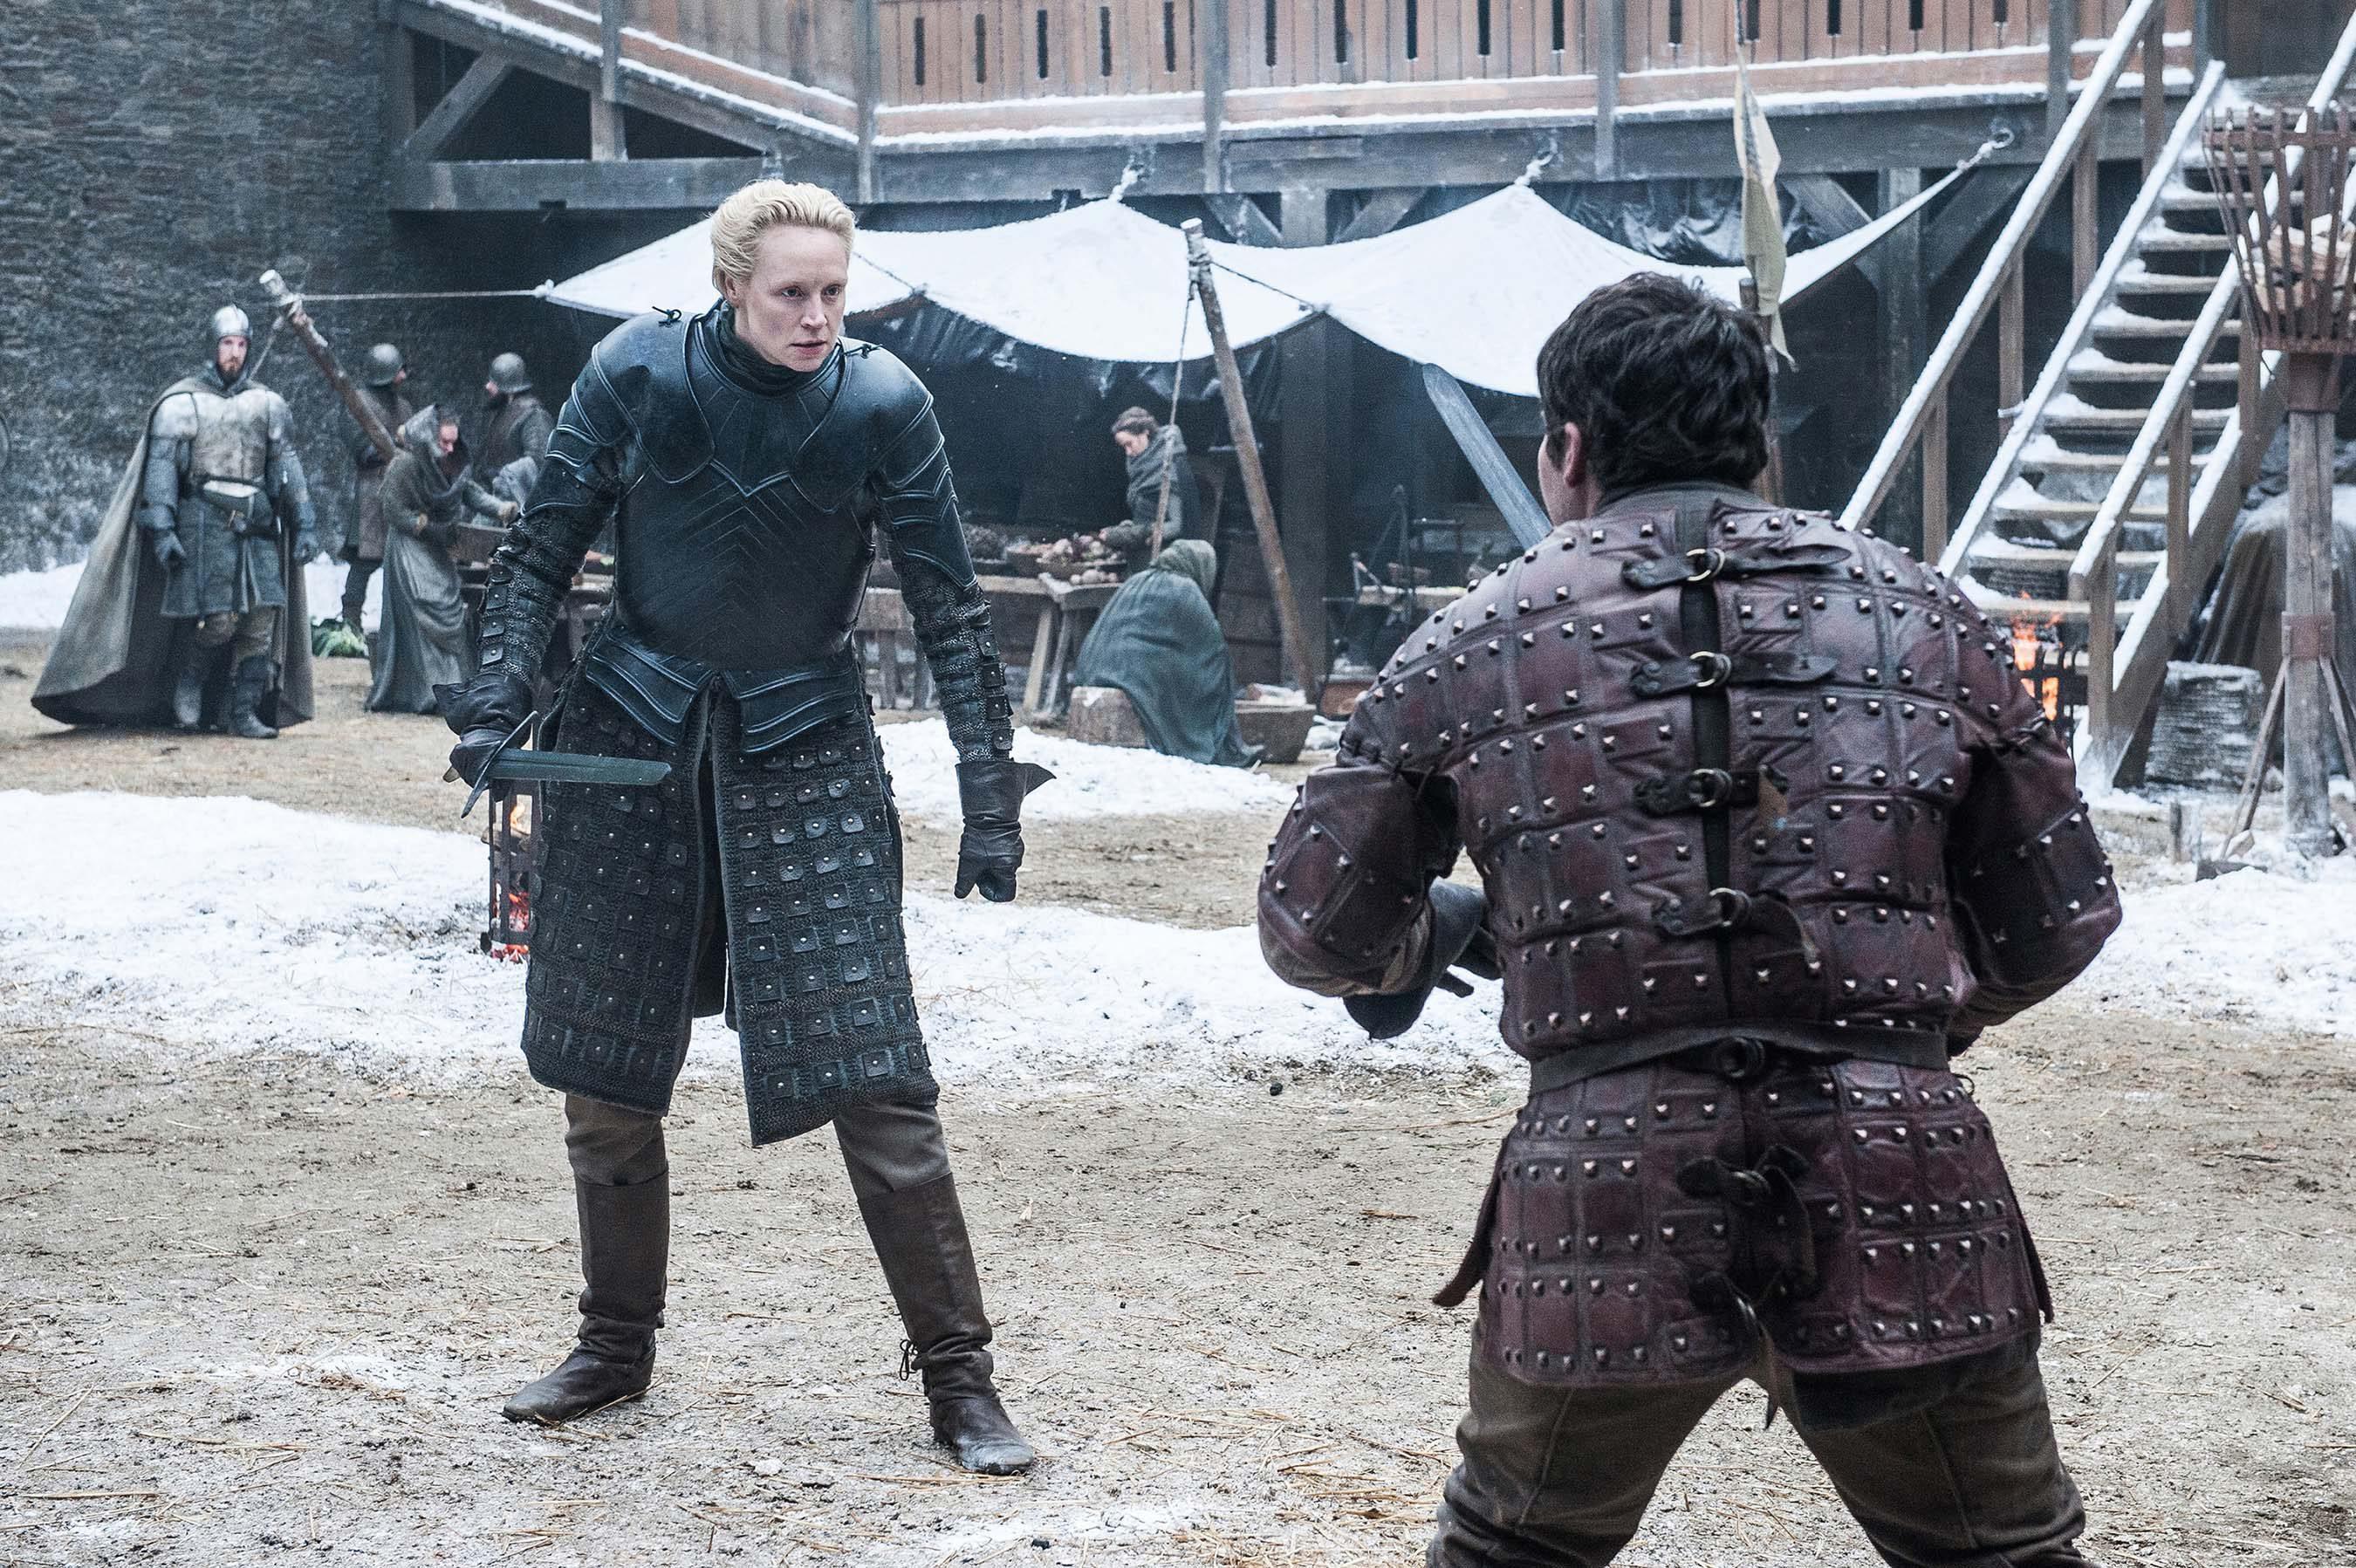 Brienne de Tarth y Podrick Payne